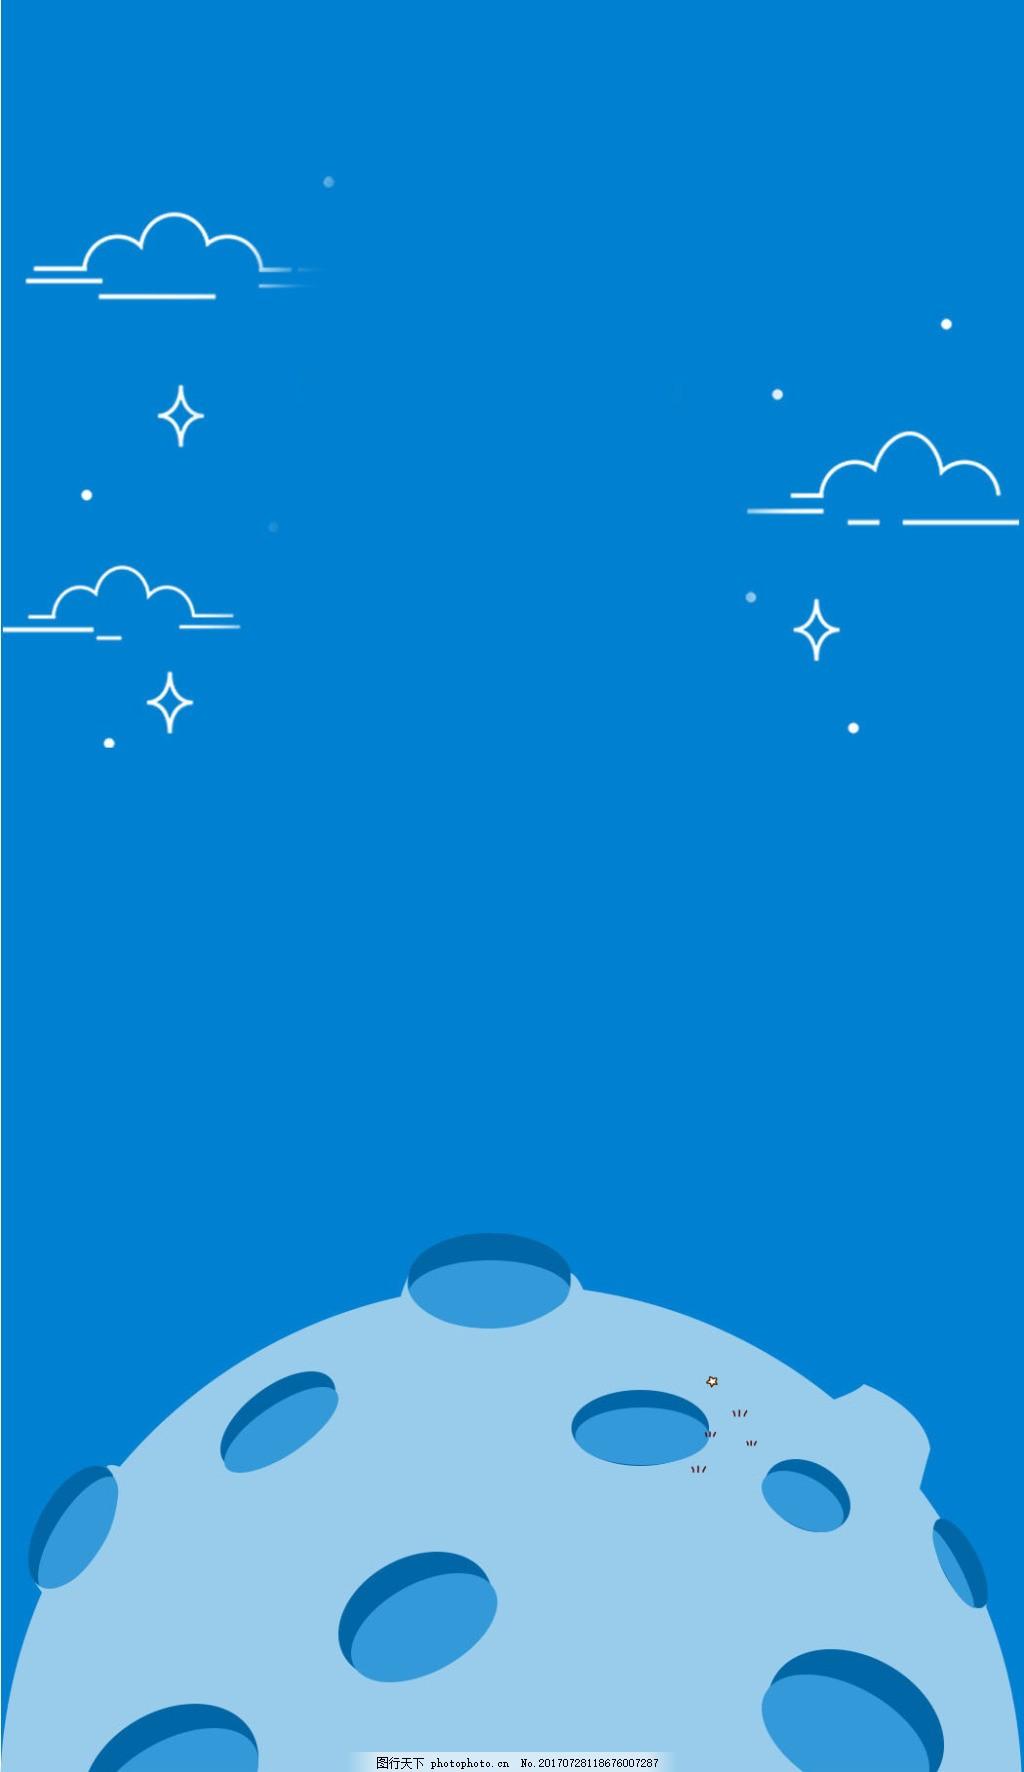 地球H5背景模板 蓝色 扁平风 云